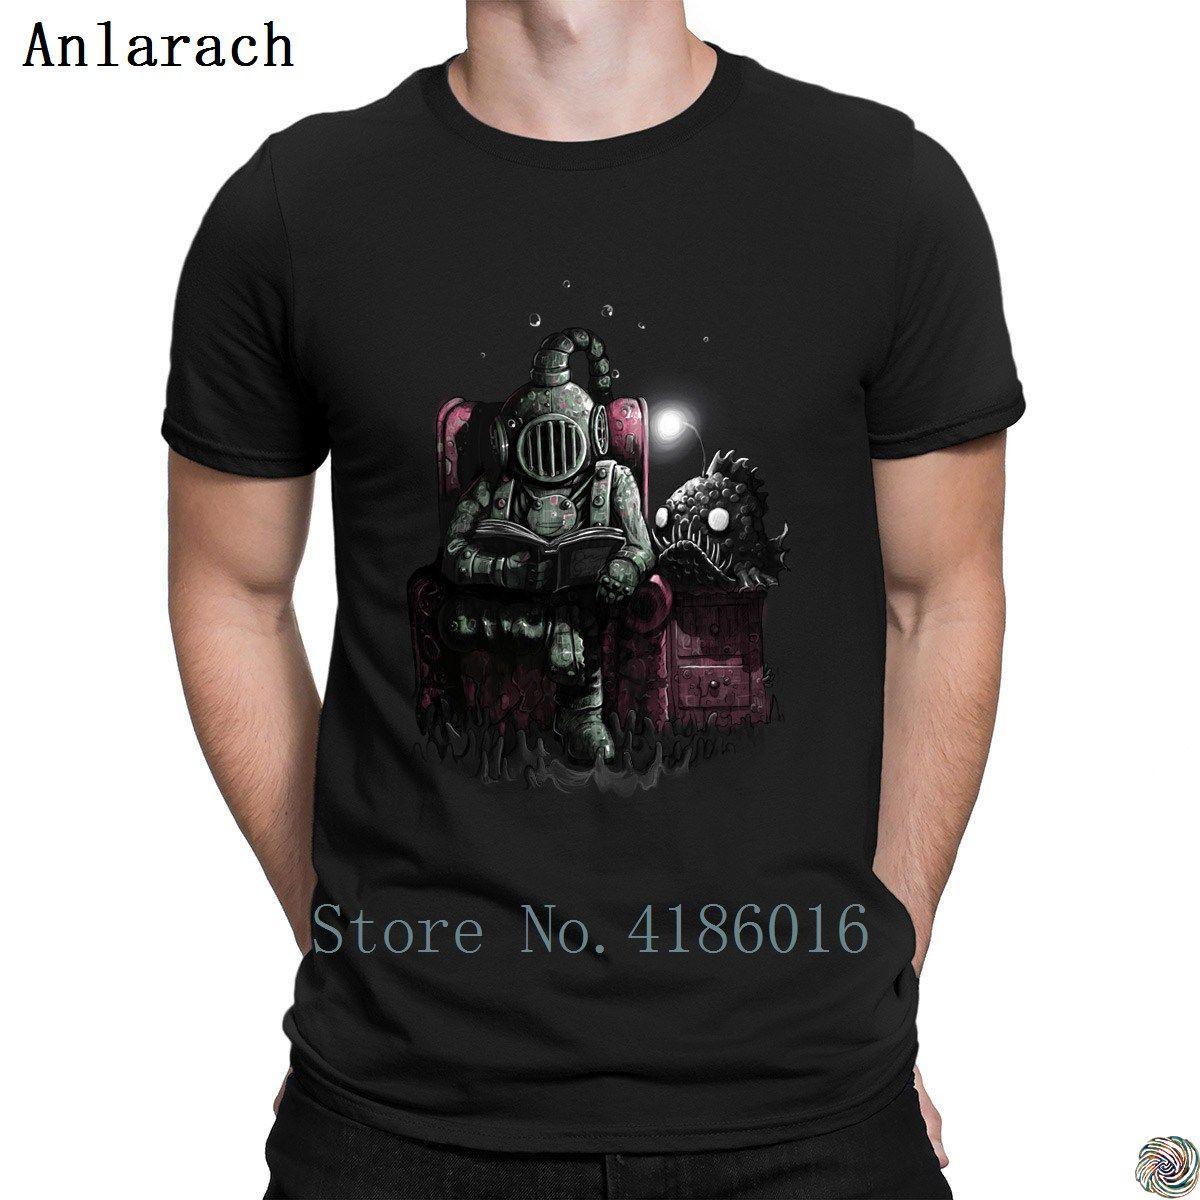 Lesen Taucher t-shirts Hip-Hop Top Charakter Frühlings-Muster T-Shirt für Männer Klassisches feste Farbe Euro-Größe S-3XL Famous